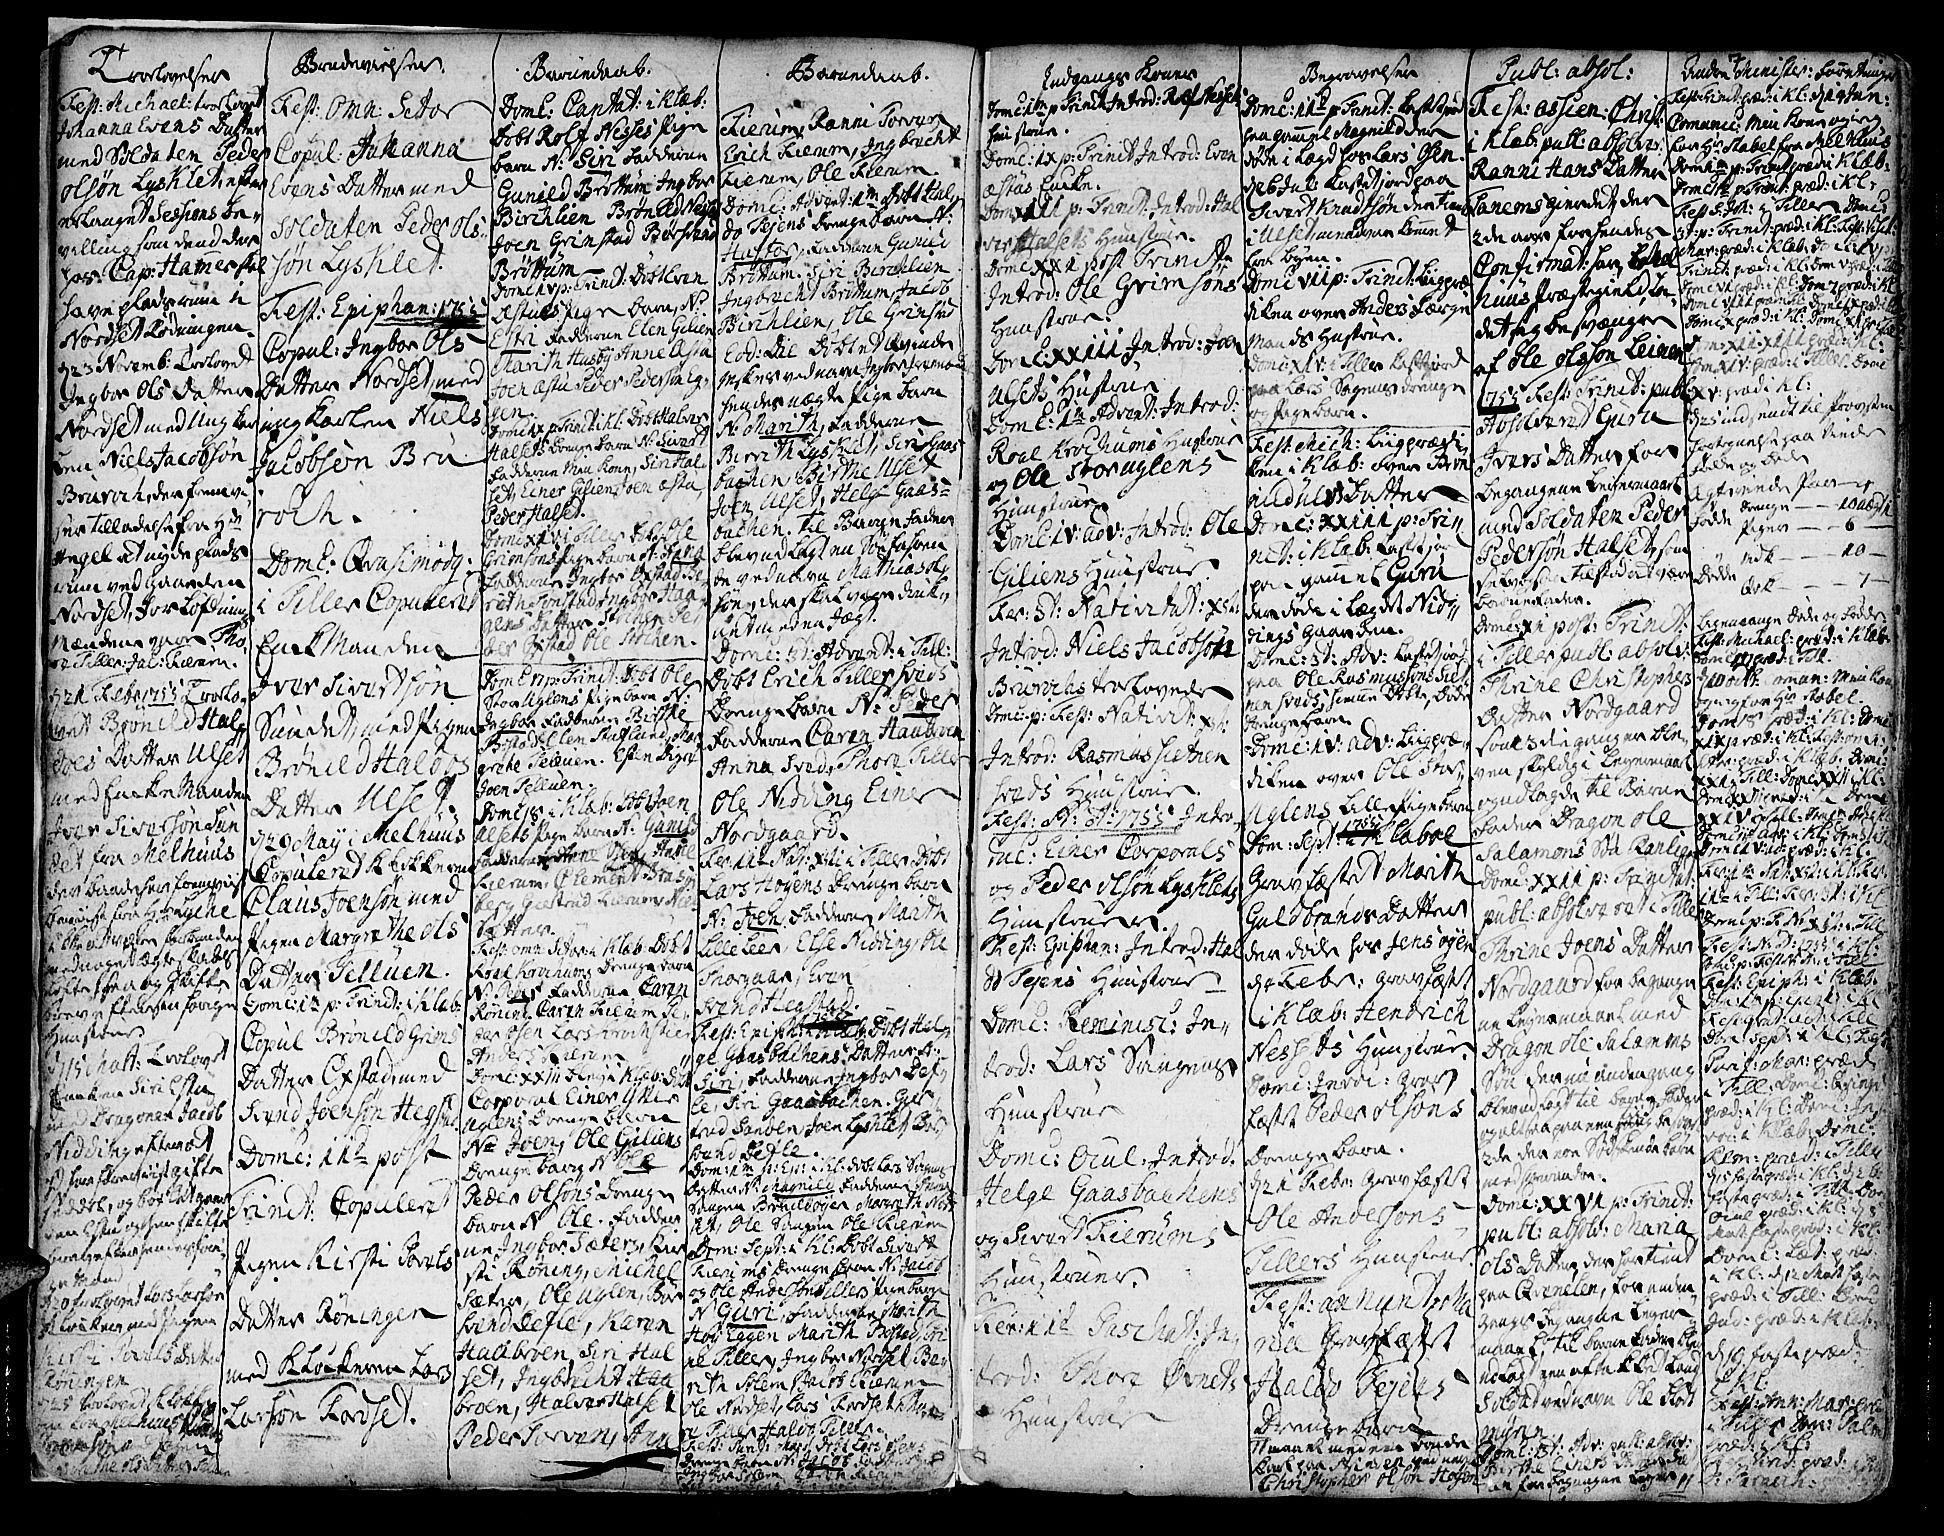 SAT, Ministerialprotokoller, klokkerbøker og fødselsregistre - Sør-Trøndelag, 618/L0437: Ministerialbok nr. 618A02, 1749-1782, s. 7